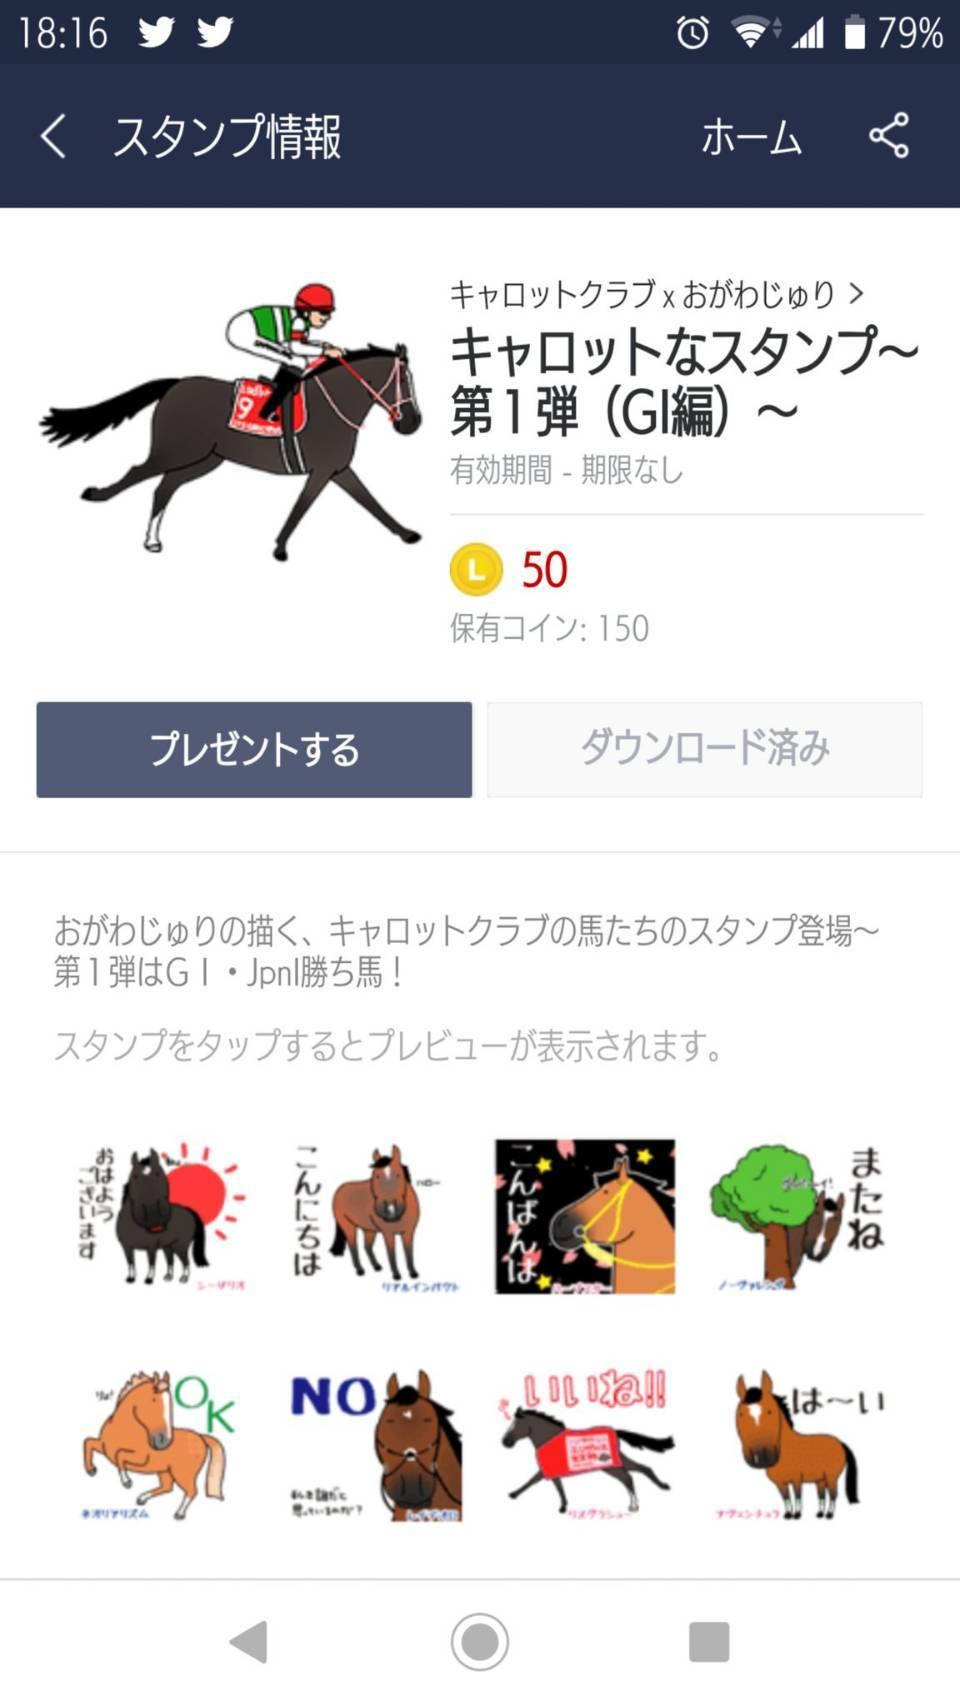 実在馬のラインスタンプが登場です!_a0093189_10115175.jpg